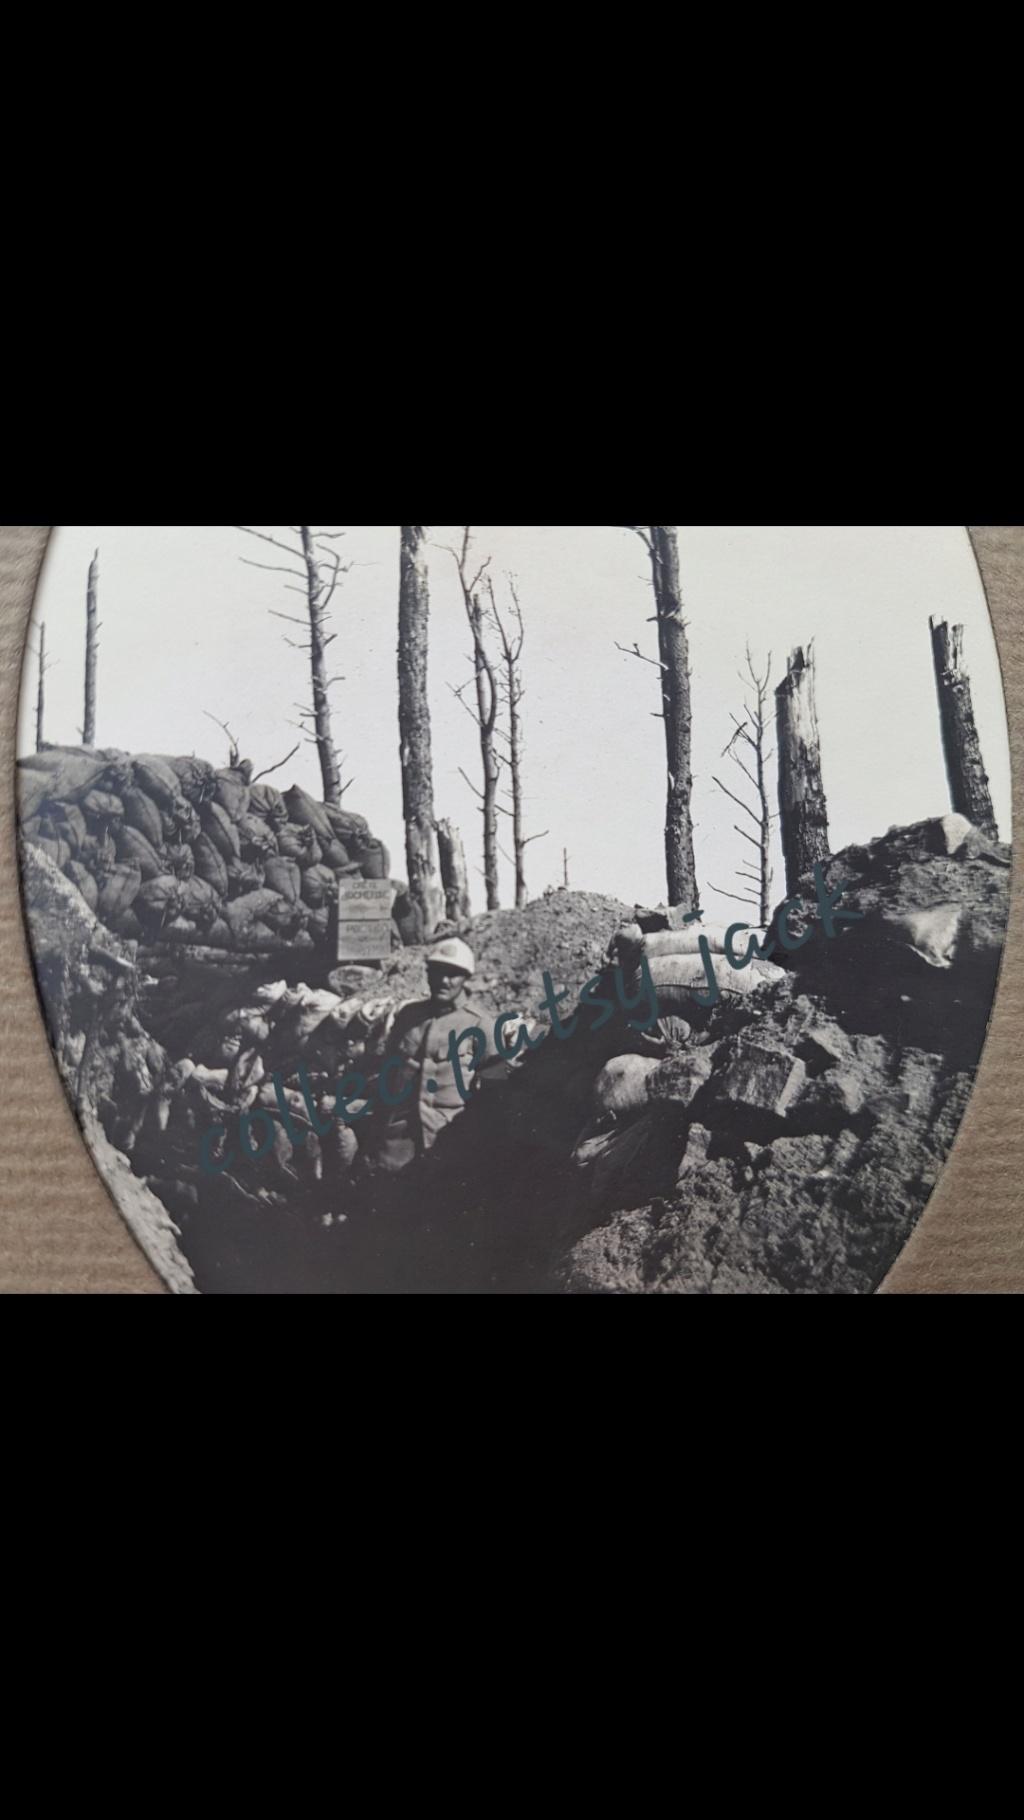 53 BCA au barrenkopf en 1916 20200423